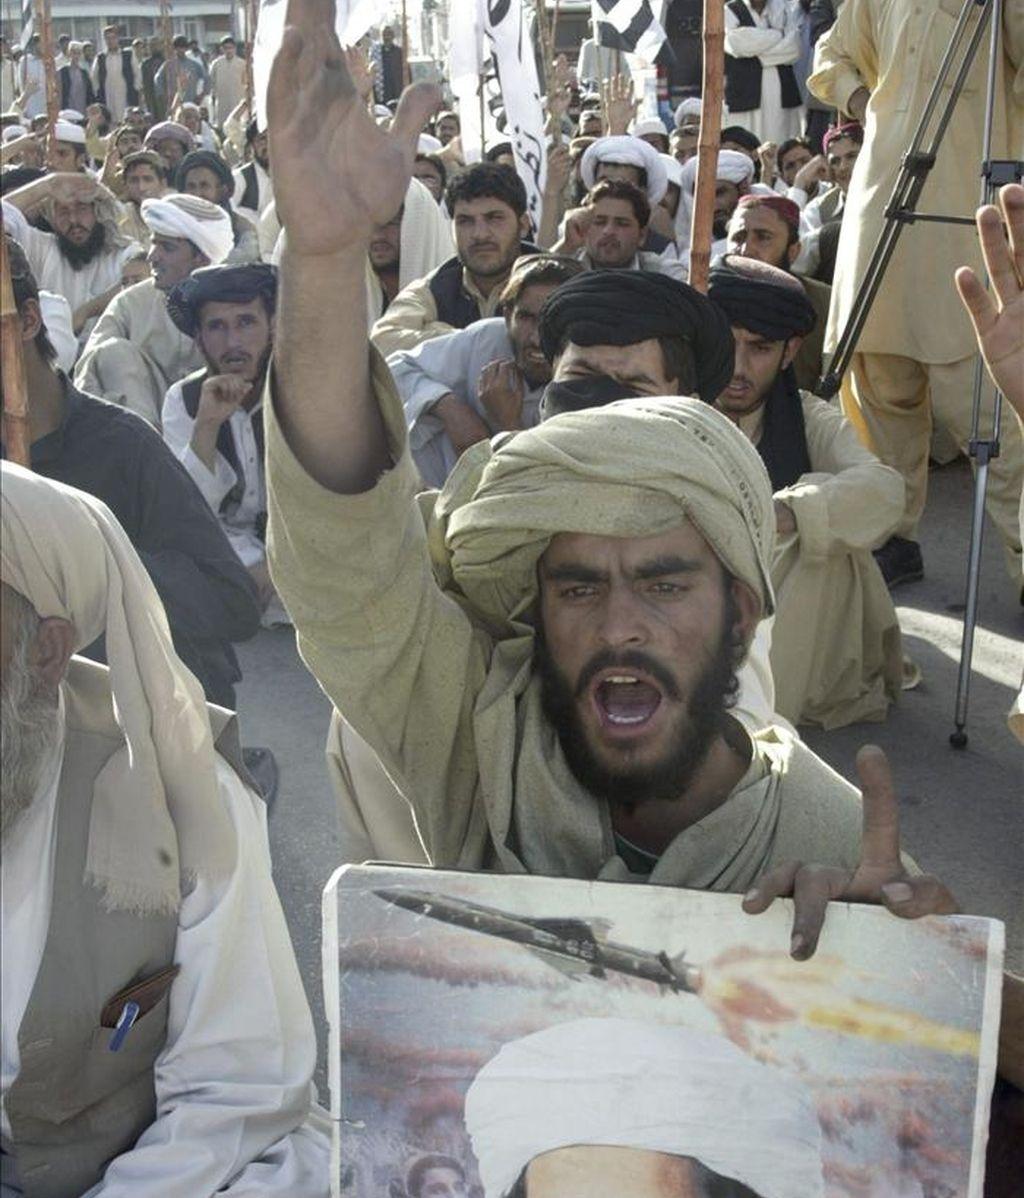 Seguidores del principal partido islamista del país, el Jamiat-e-Islami, gritan eslóganes durante la protesta realizada contra las fuerzas militares estadounidenses, en Quetta, Pakistán, el 2 de mayo de 2011. EFE